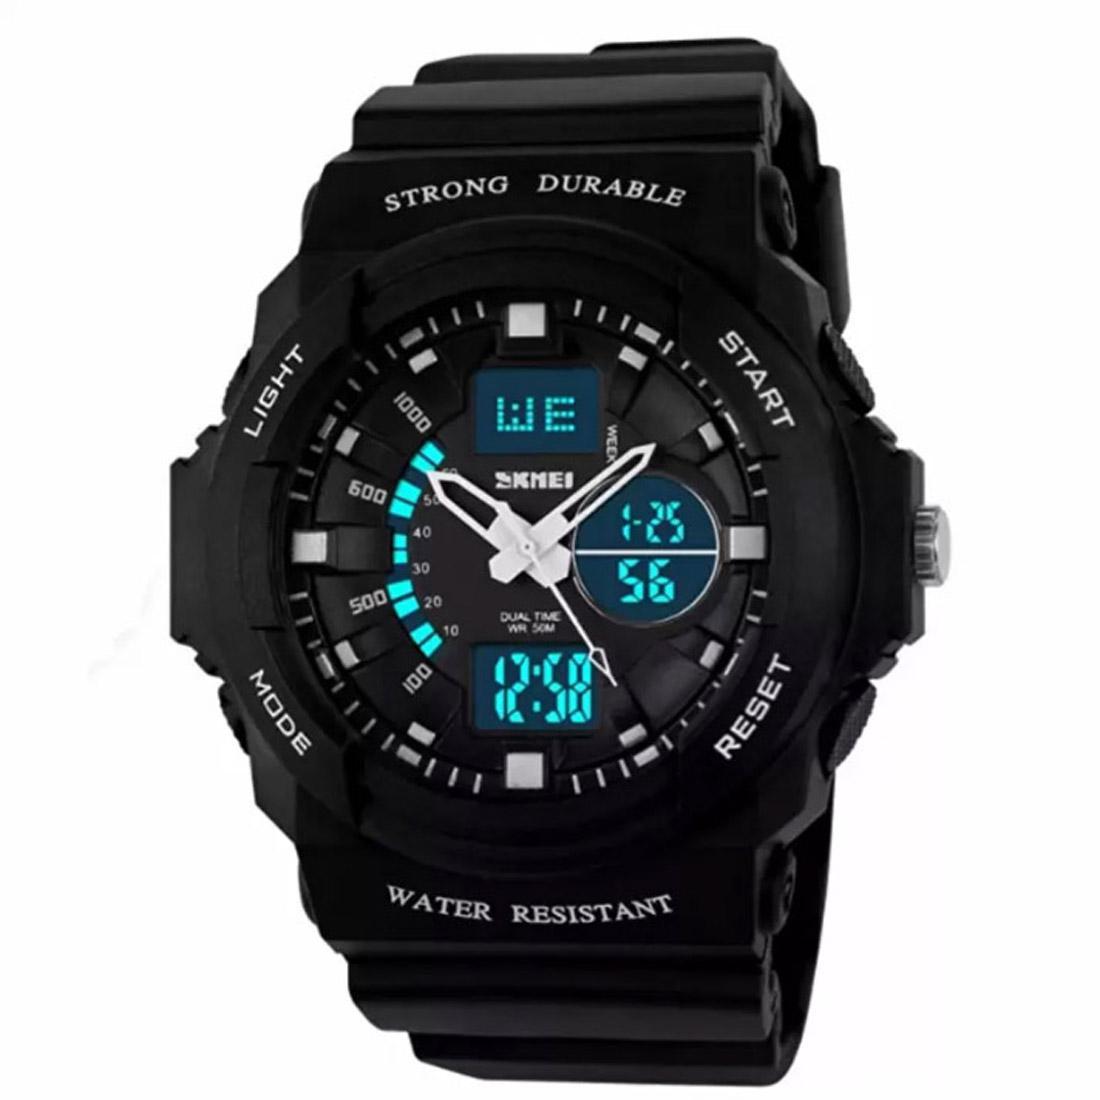 Nơi bán Đồng hồ thể thao chống nước nữ - đồng hồ điện tử nữ Skmei 0955 - trắng đen